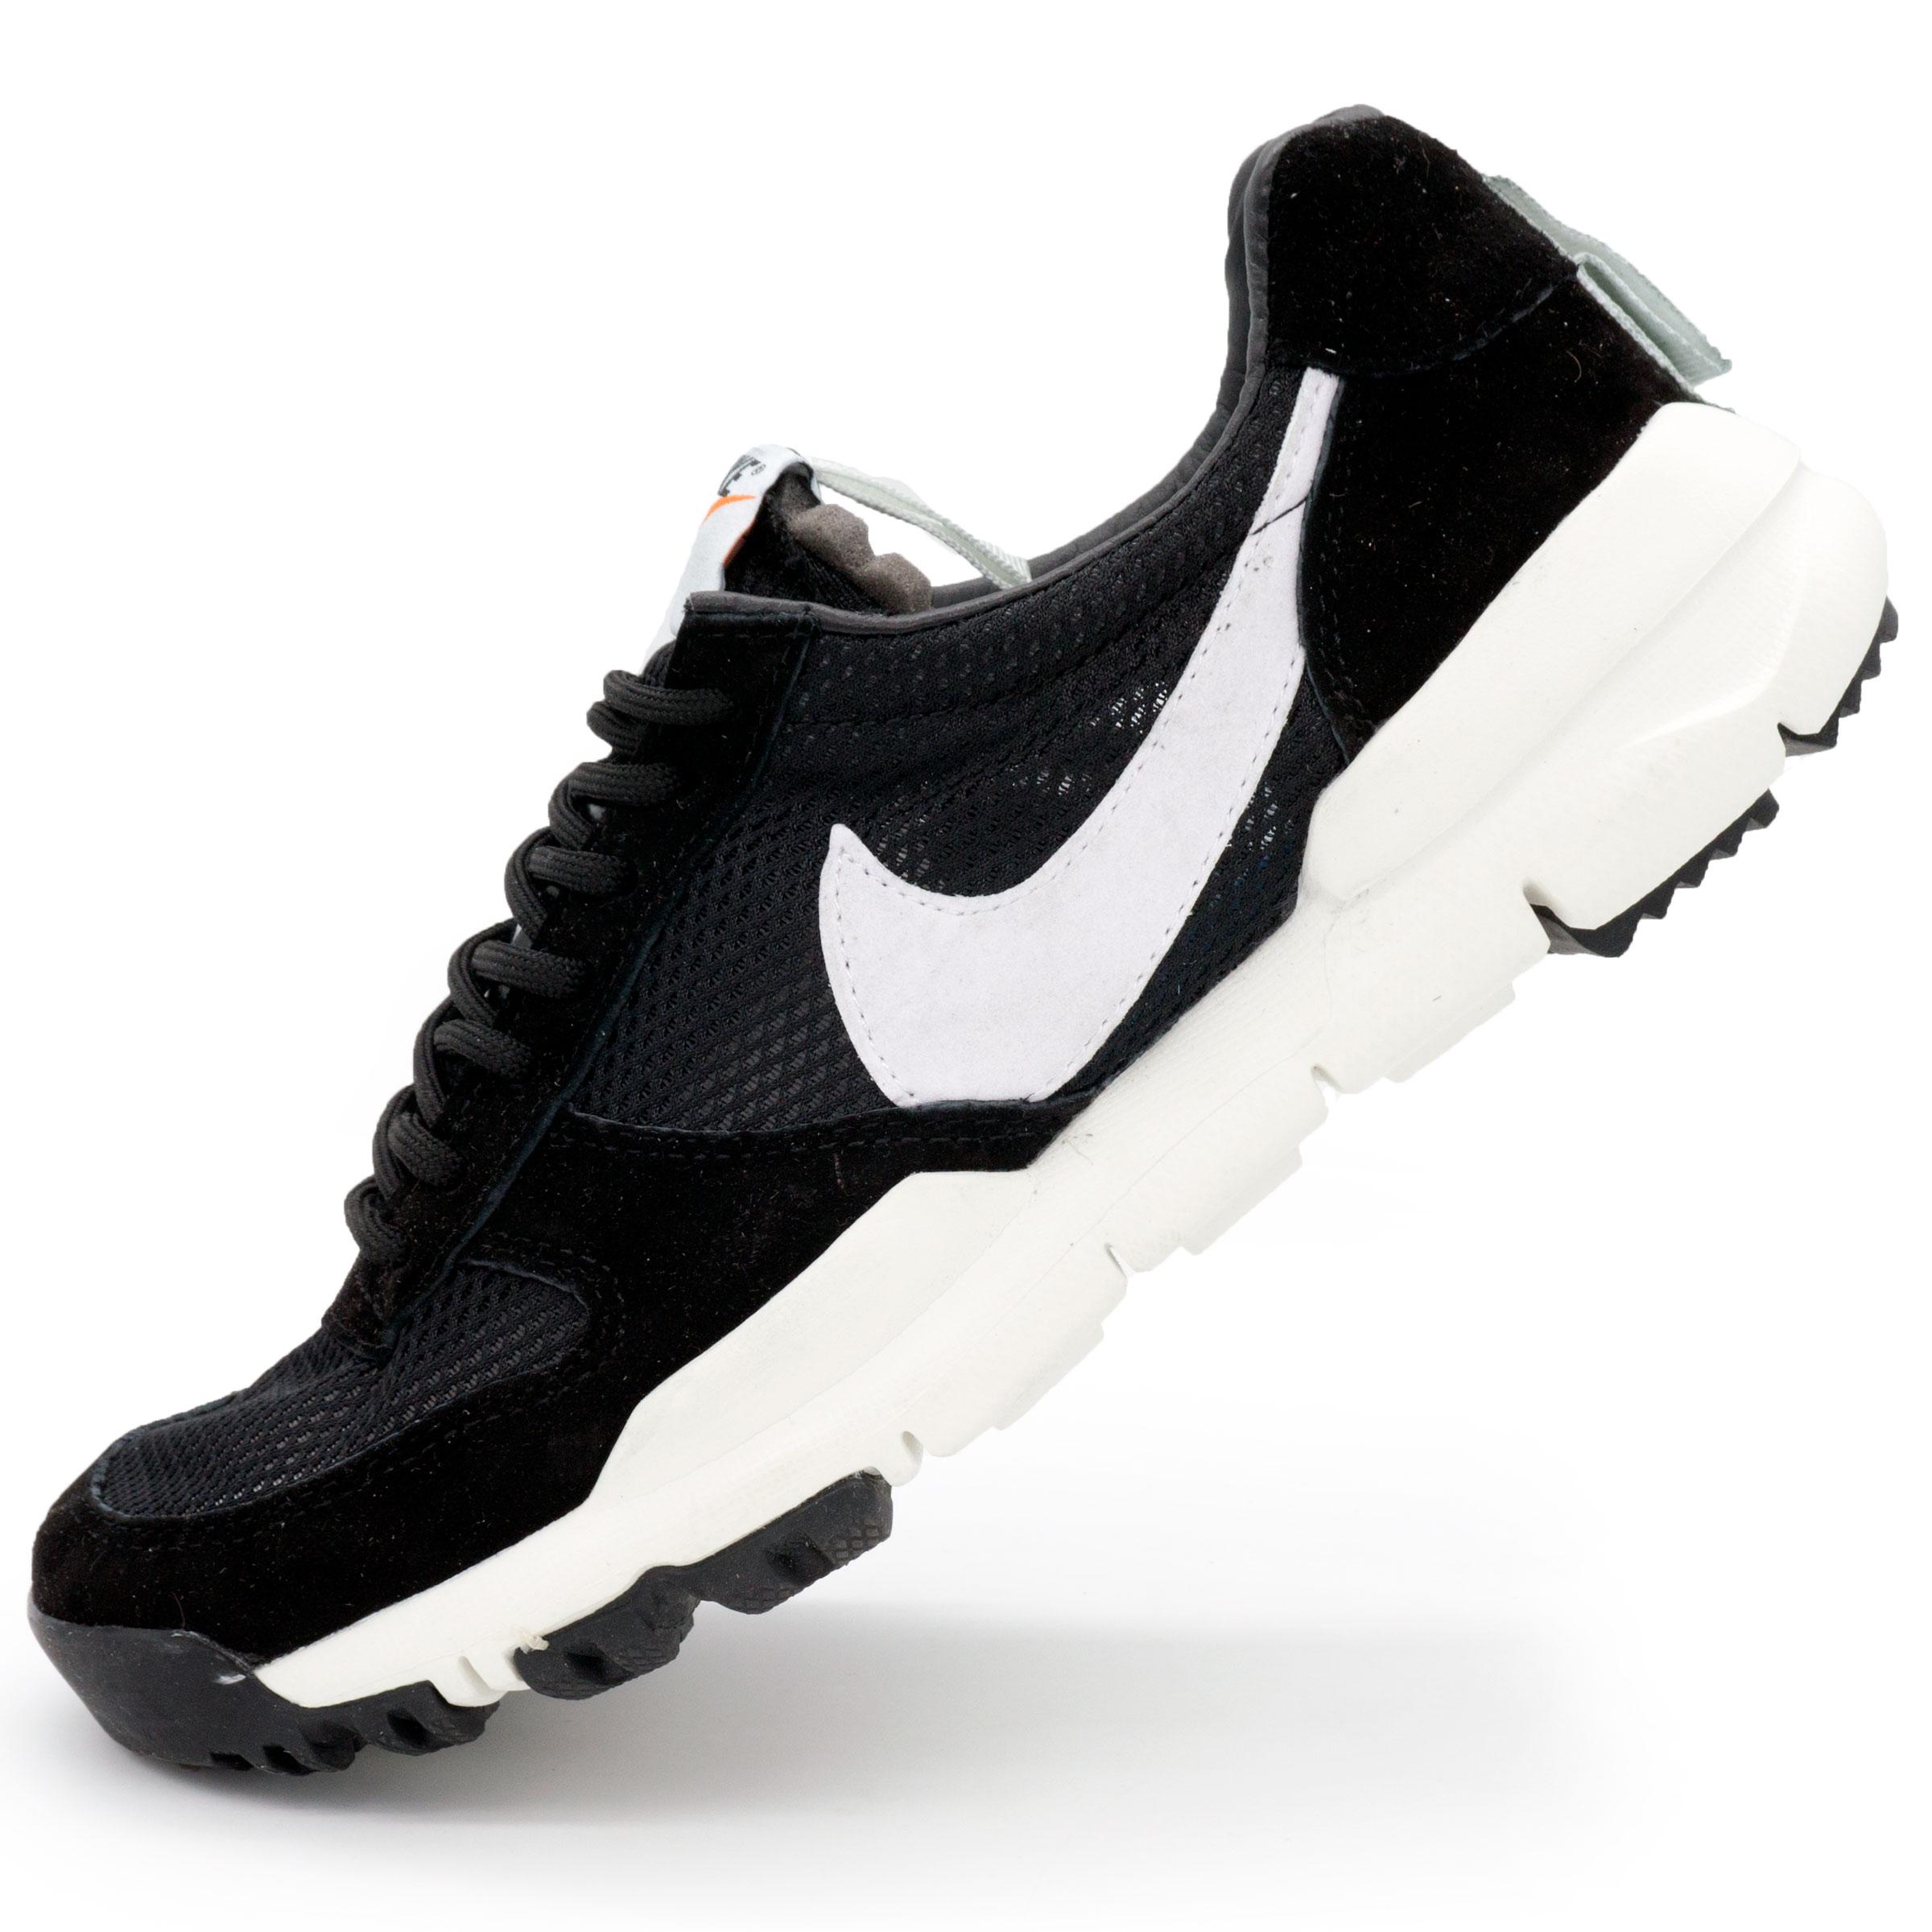 фото main Мужские кроссовки Nike Mars Yard 2.0 черно-белые. Топ качество! main